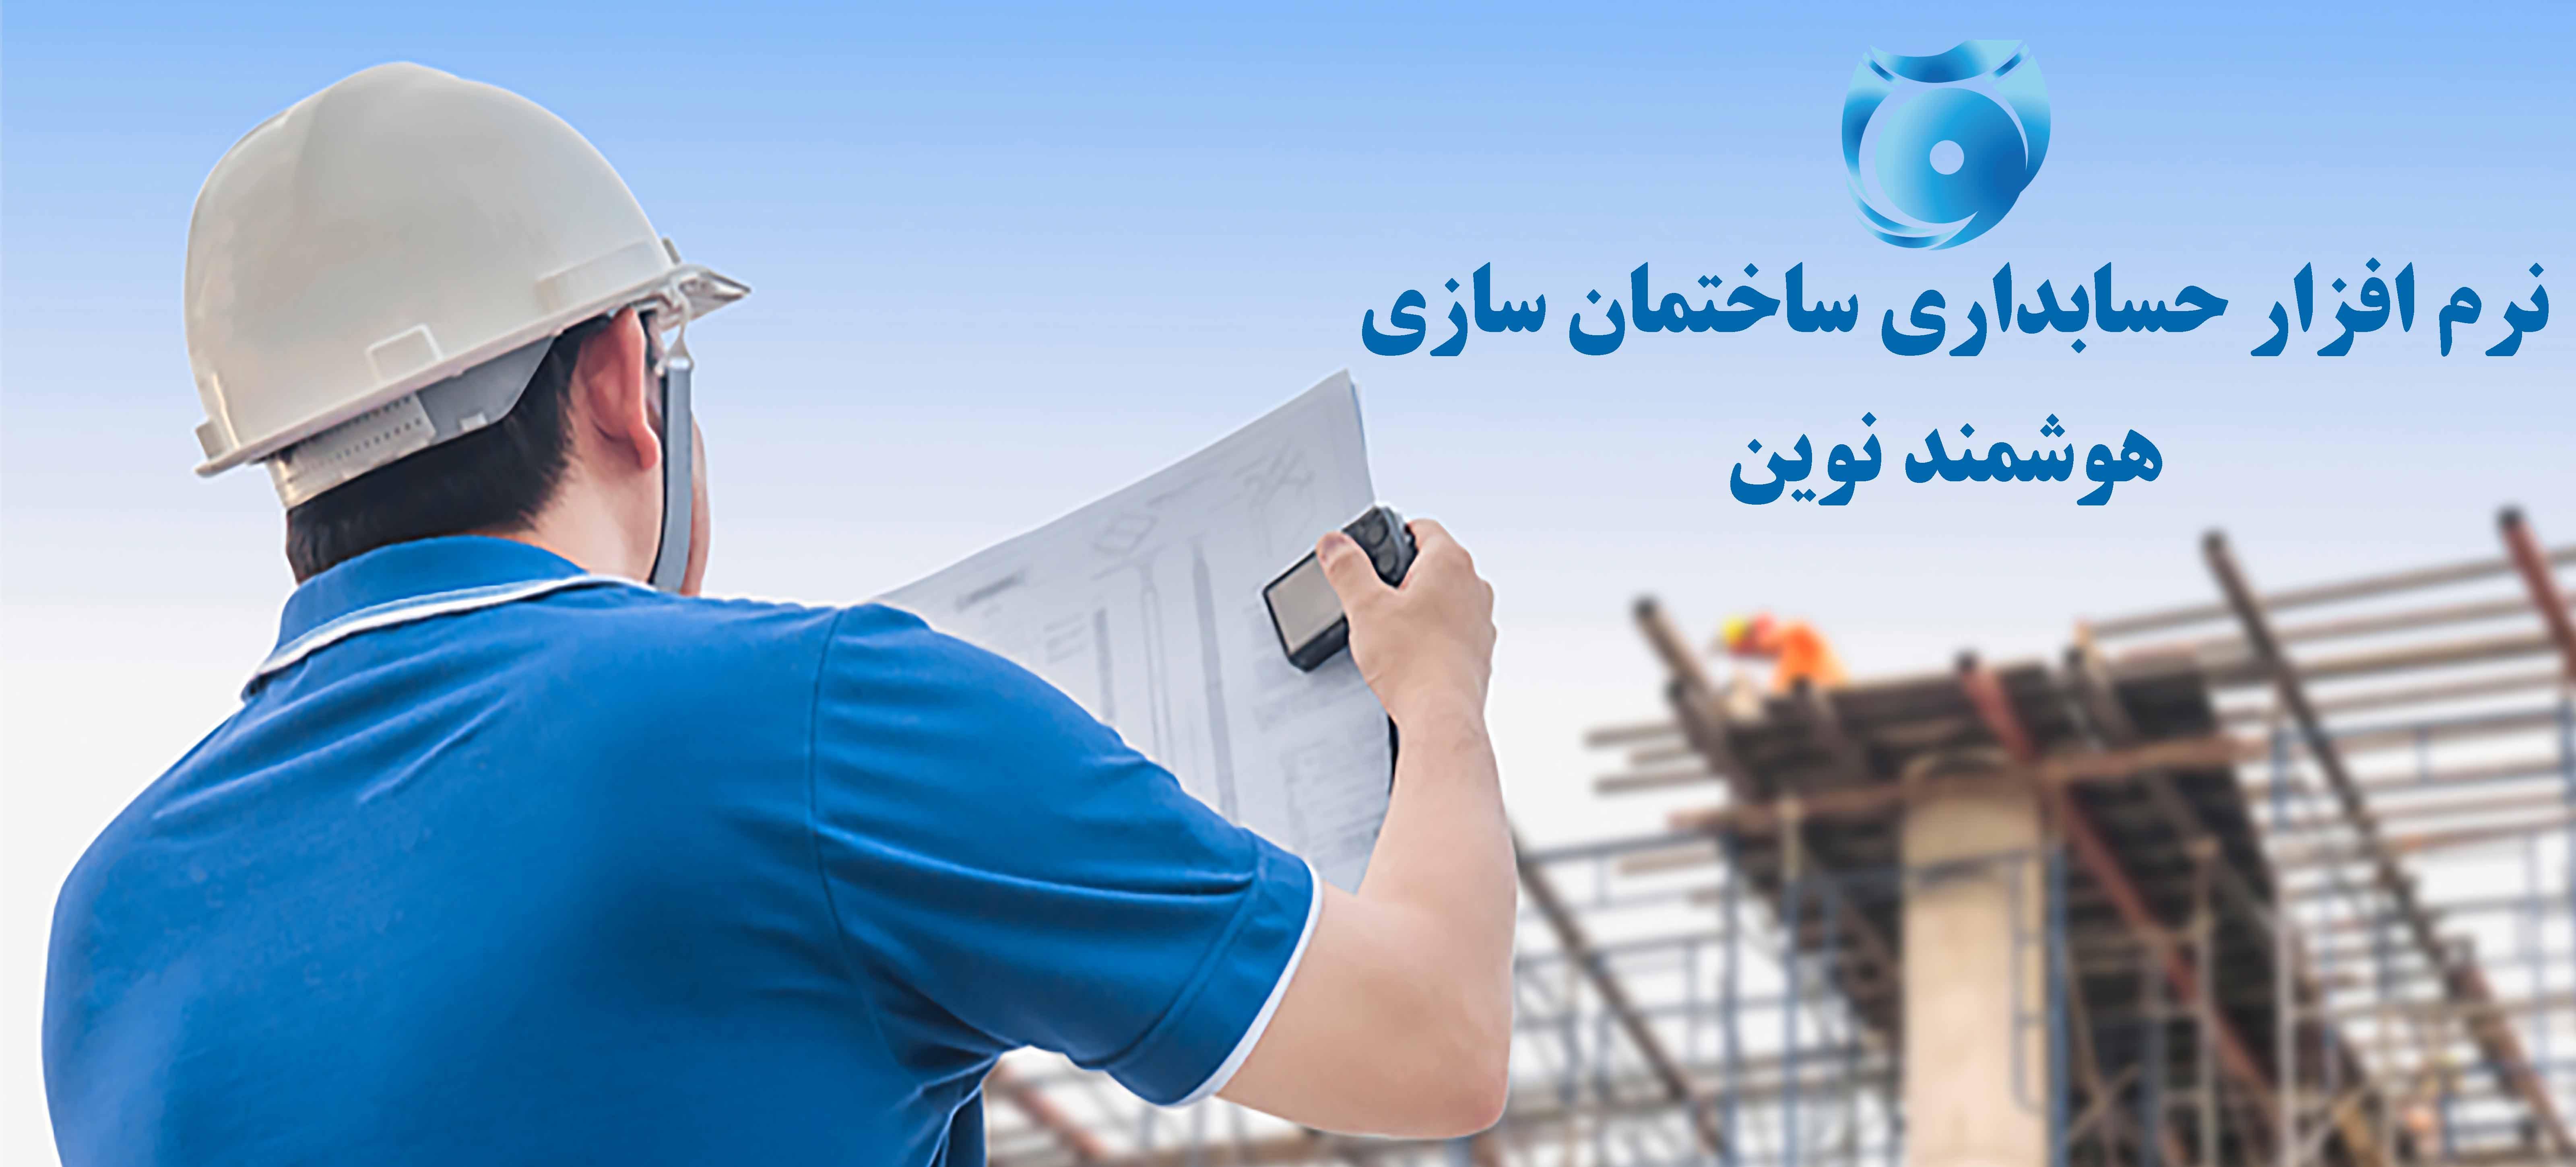 نرم افزار حسابداری ساختمان سازی